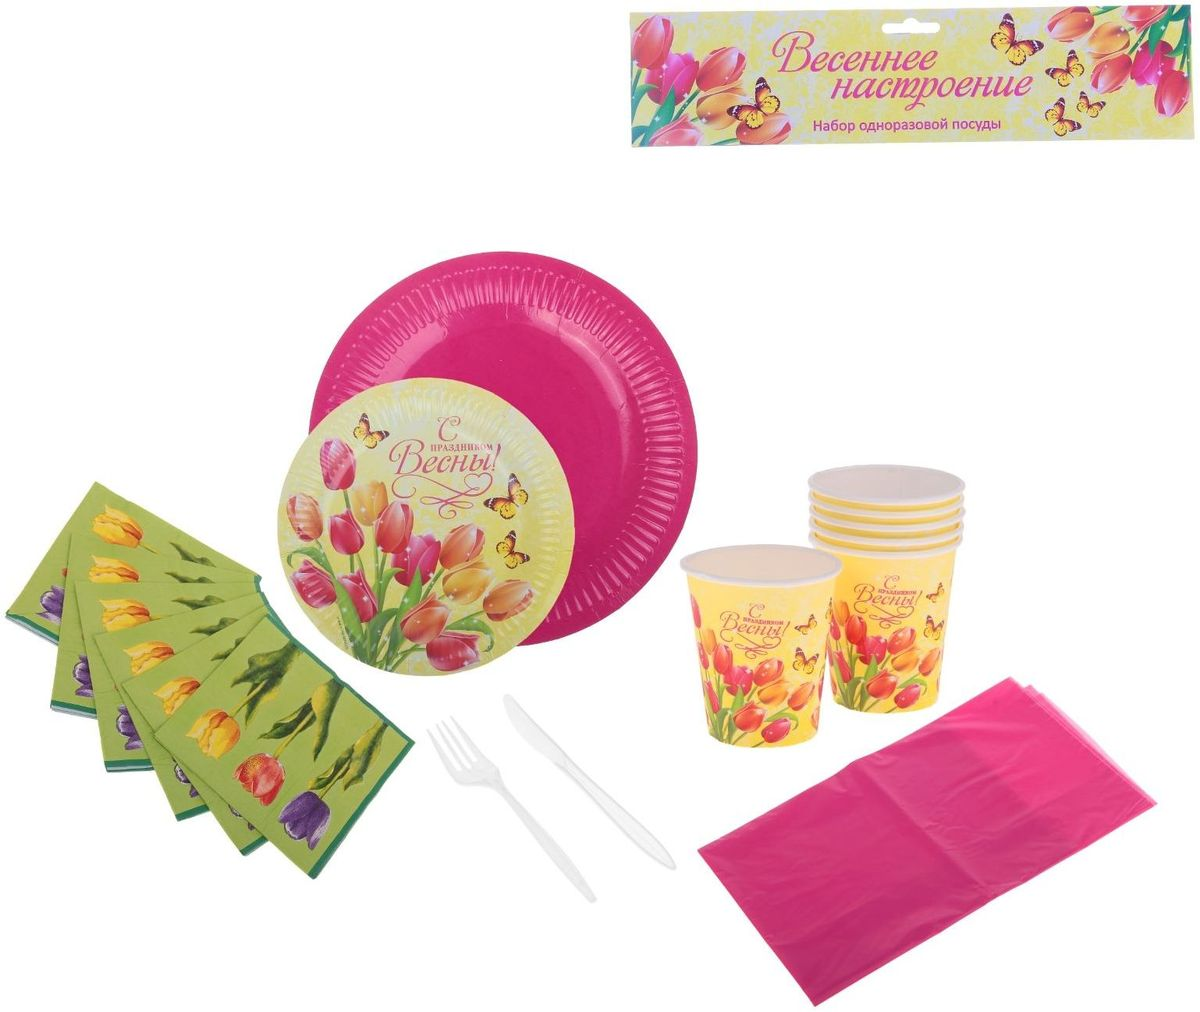 Страна Карнавалия Набор бумажной посуды Весеннее настроение на 6 персон